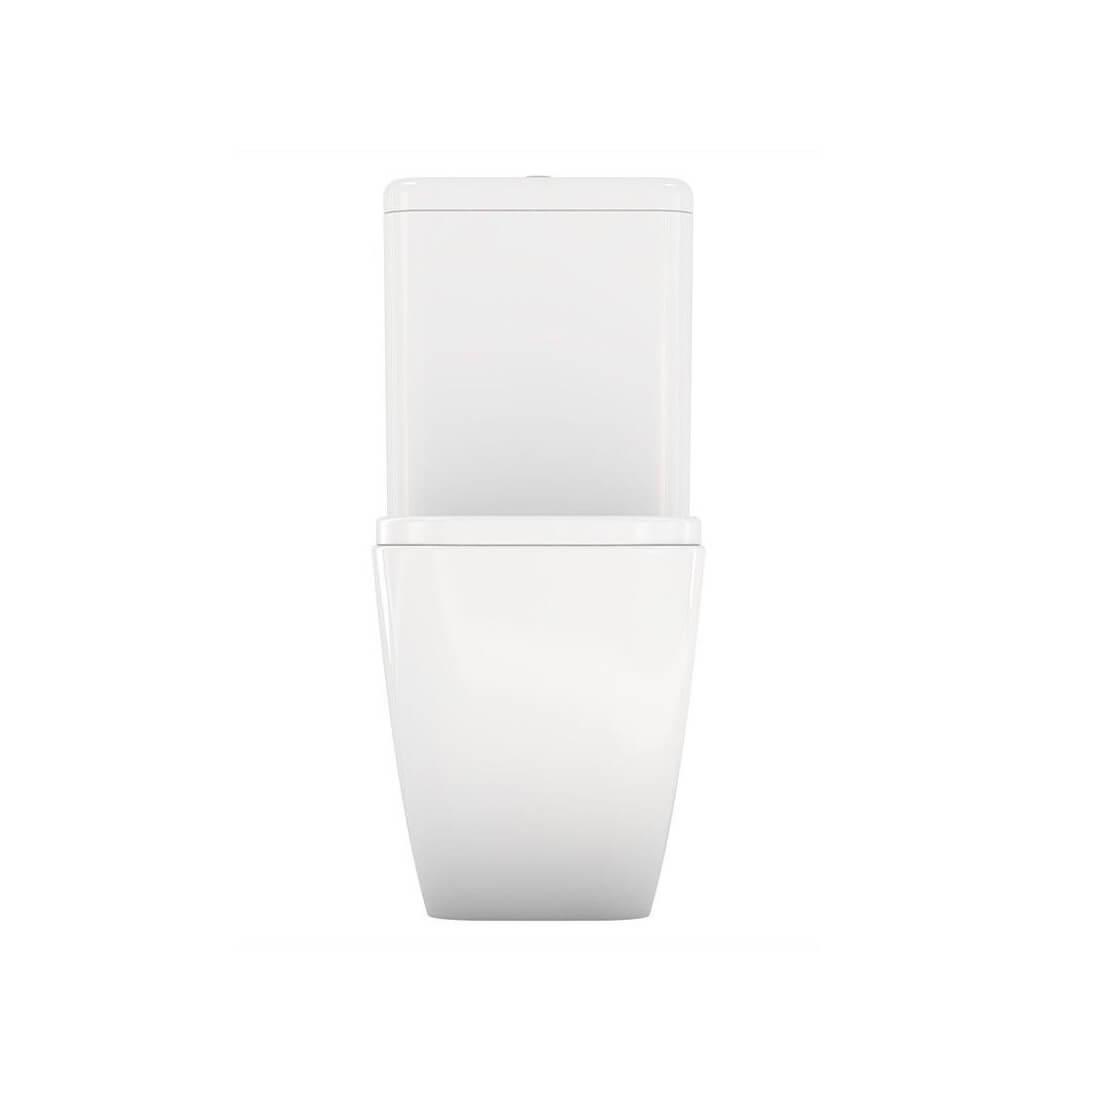 ▷ Llévate el inodoro de diseño Duomo de Fossil Natura al mejor precio.